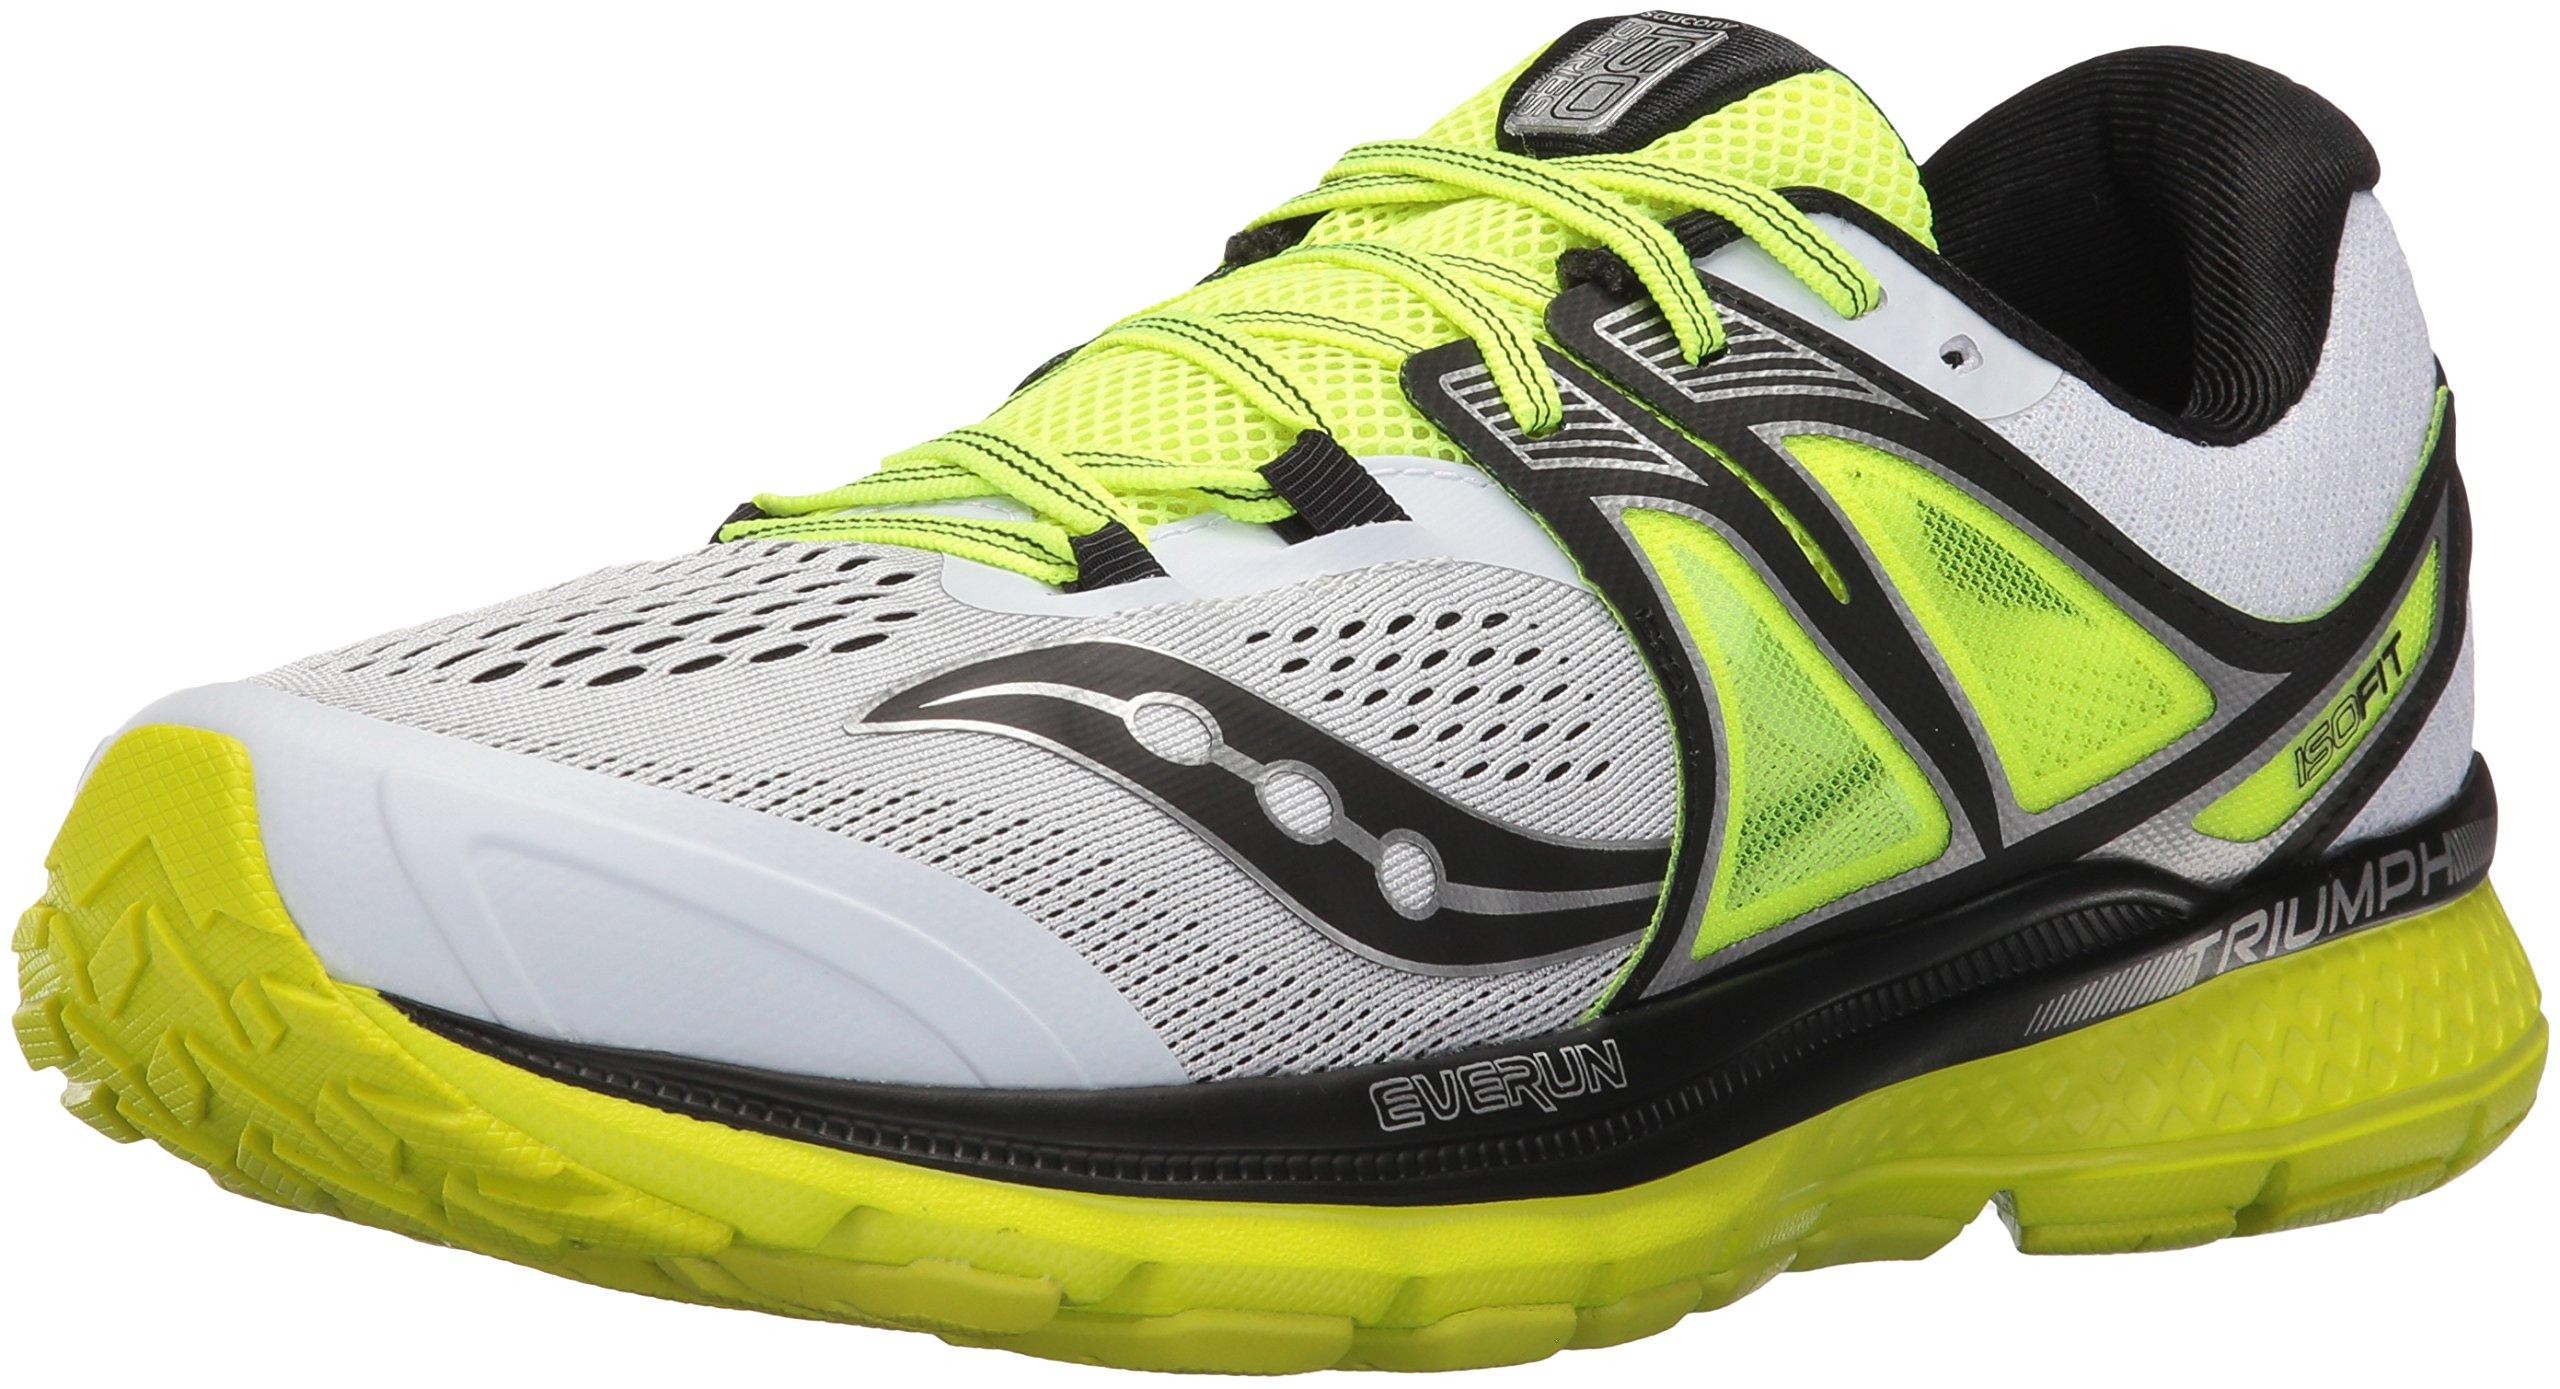 Saucony Triumph ISO 3, Zapatillas de Running para Hombre product image